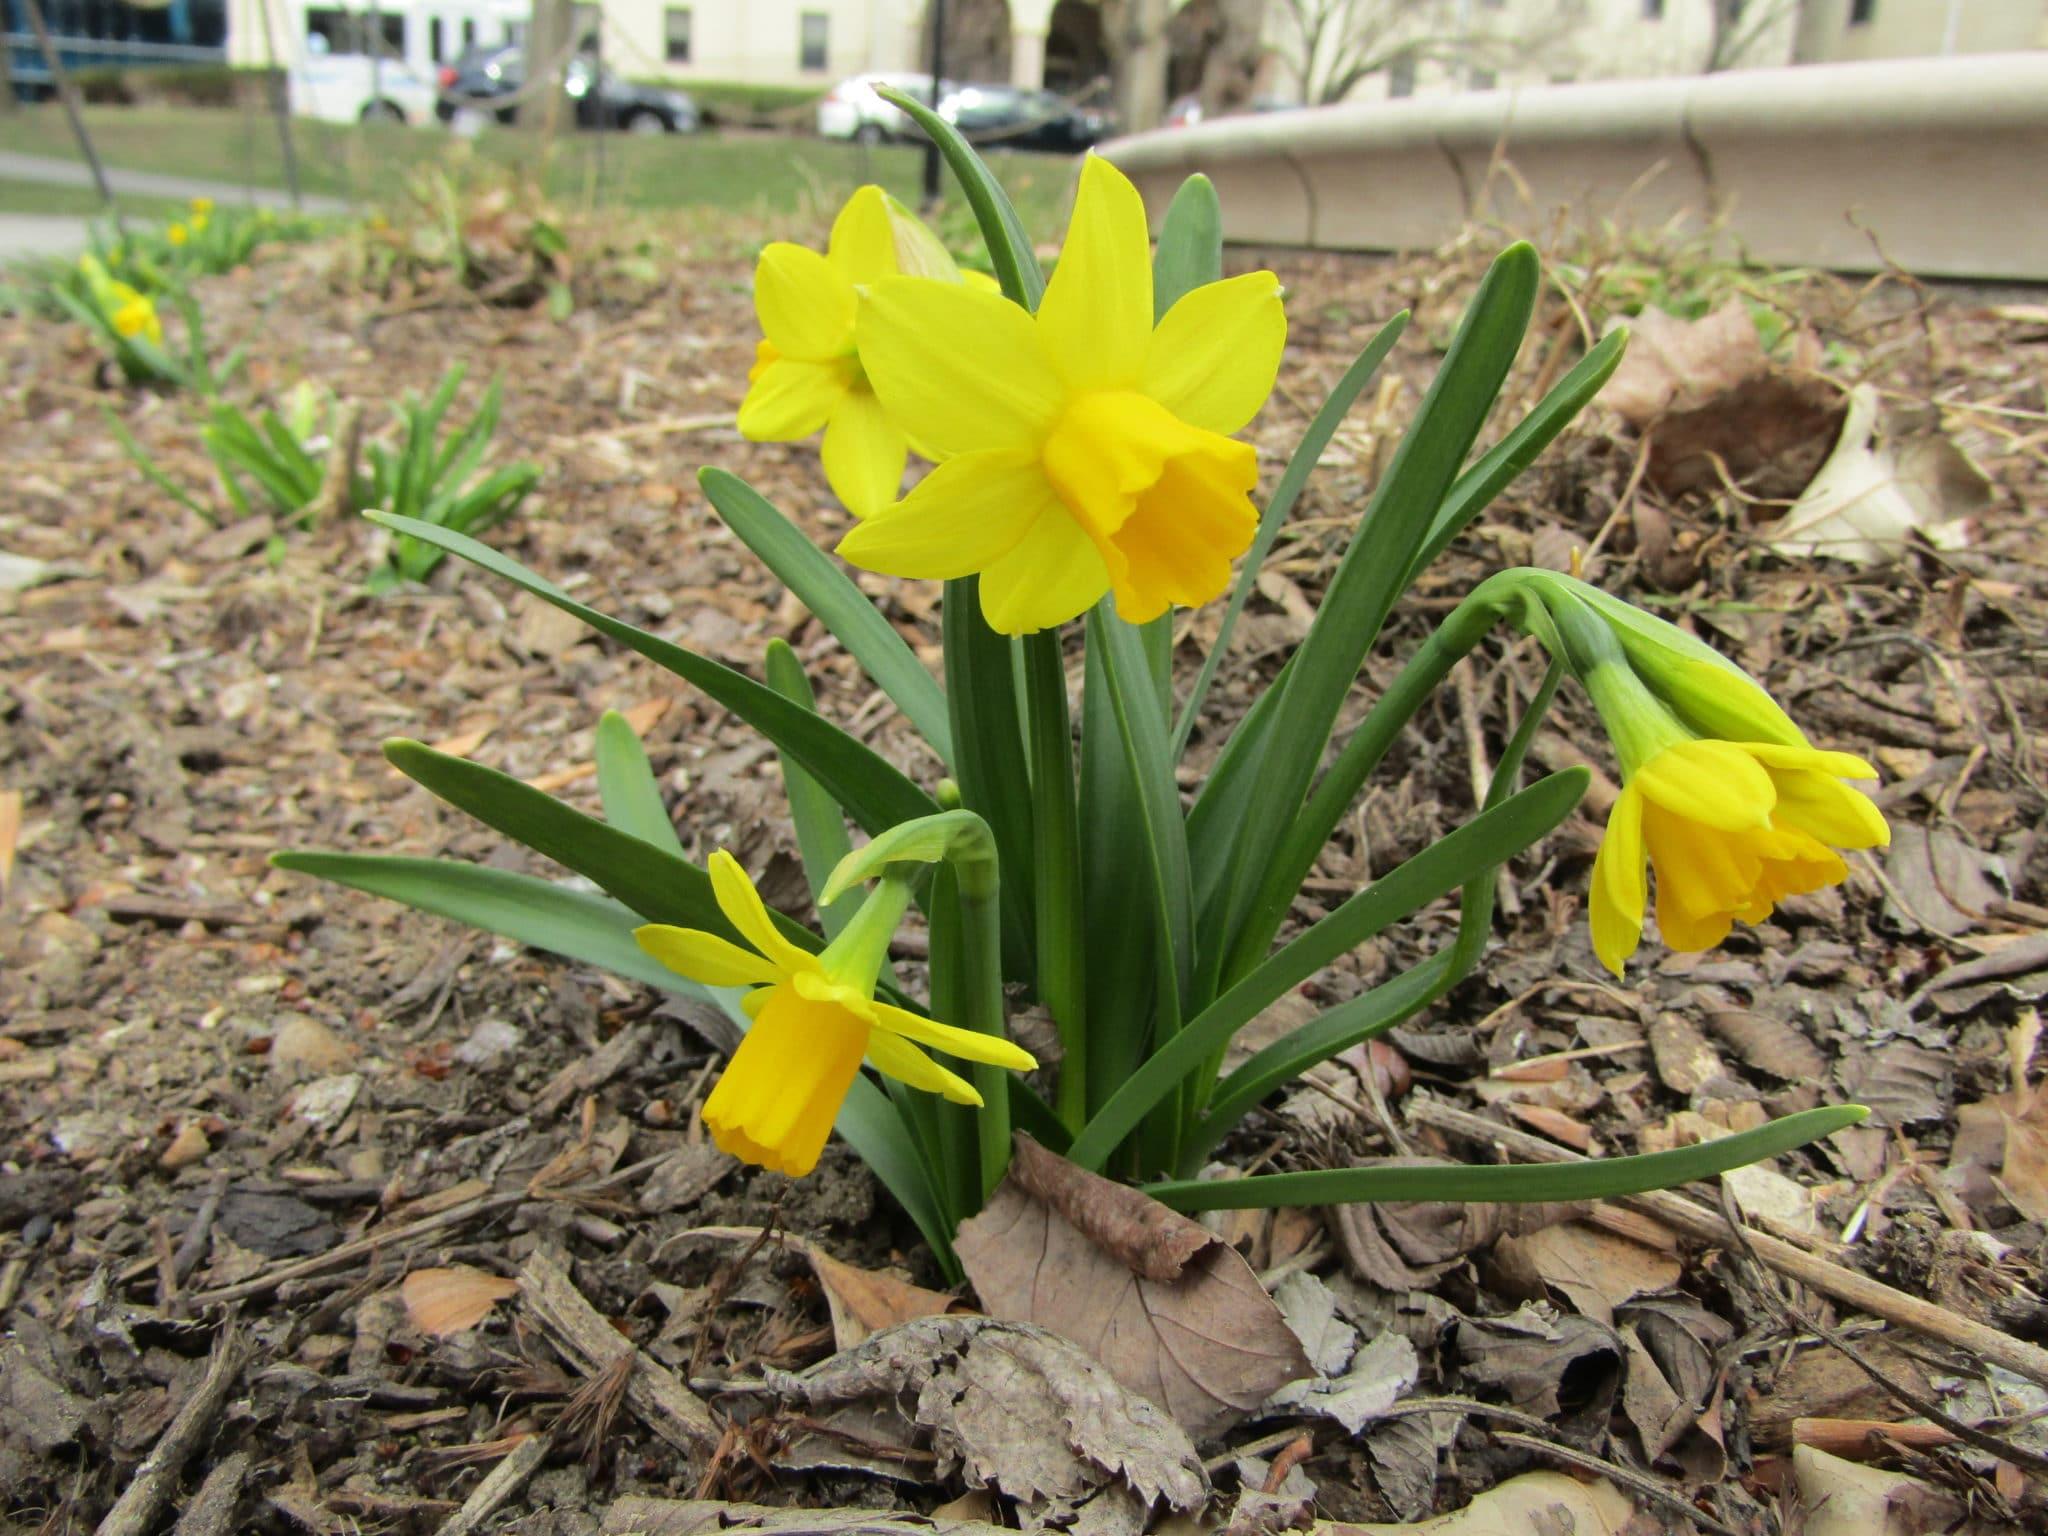 Yellow daffodil in bloom